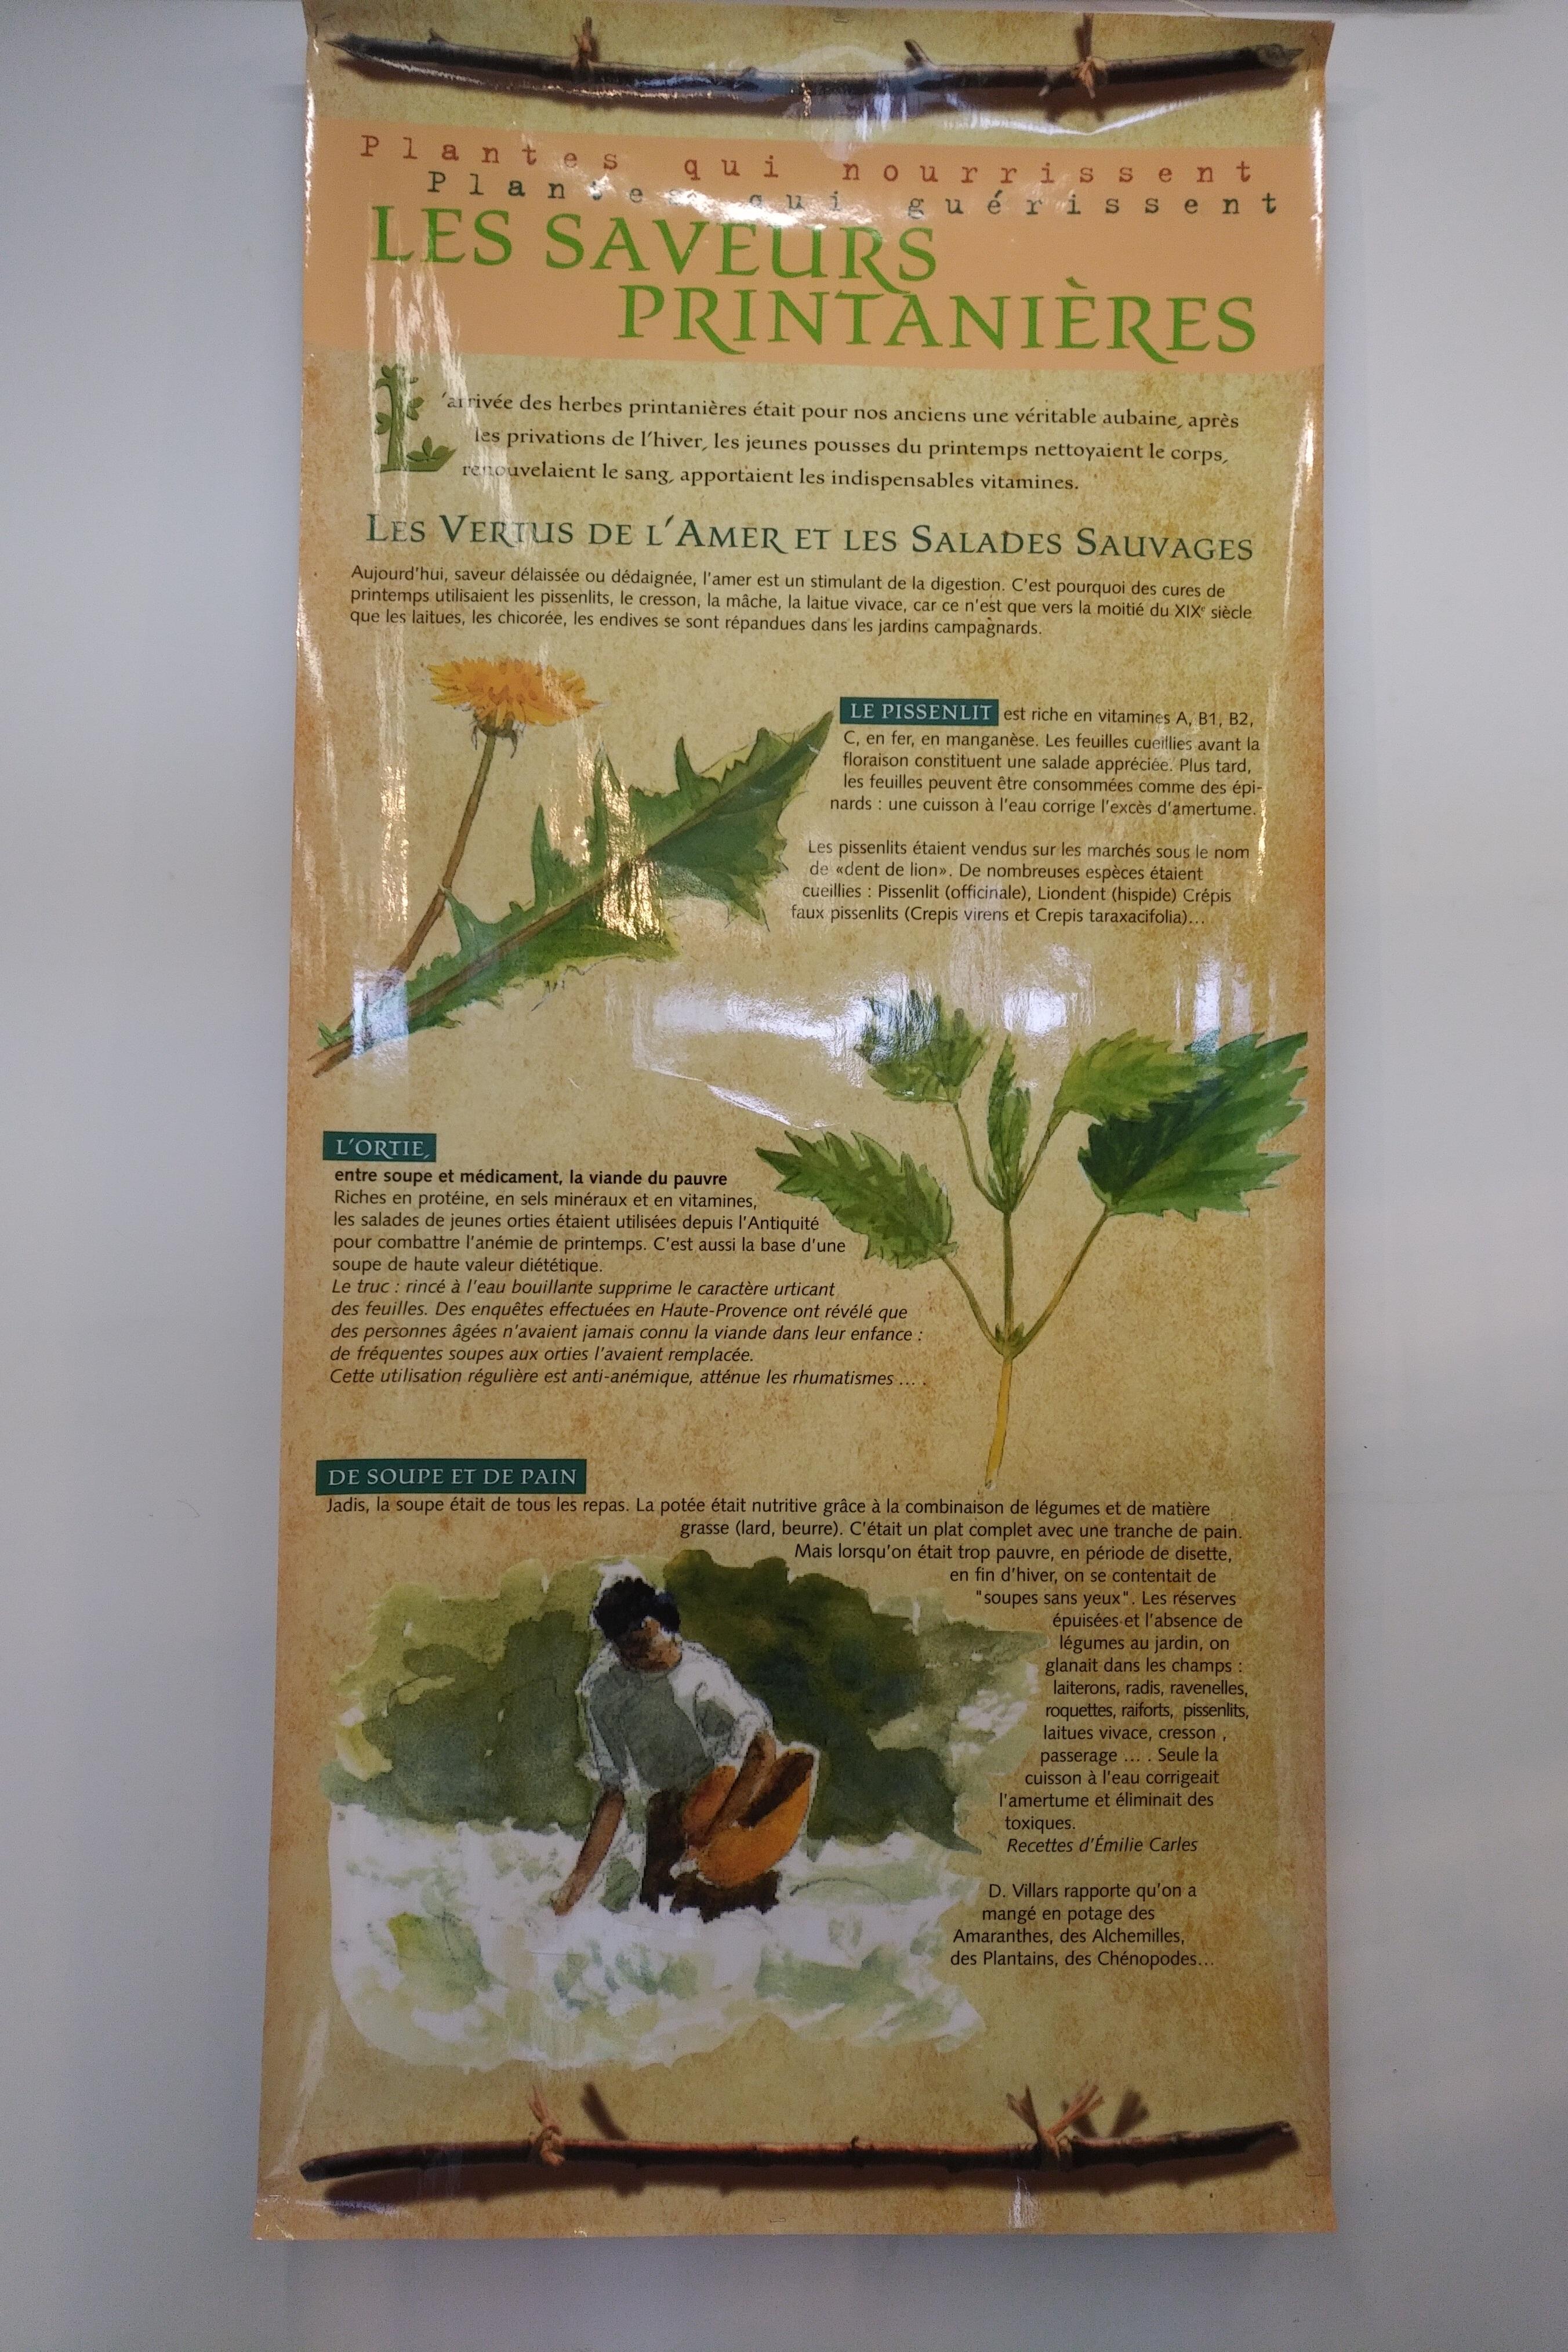 Plantes qui guerissent